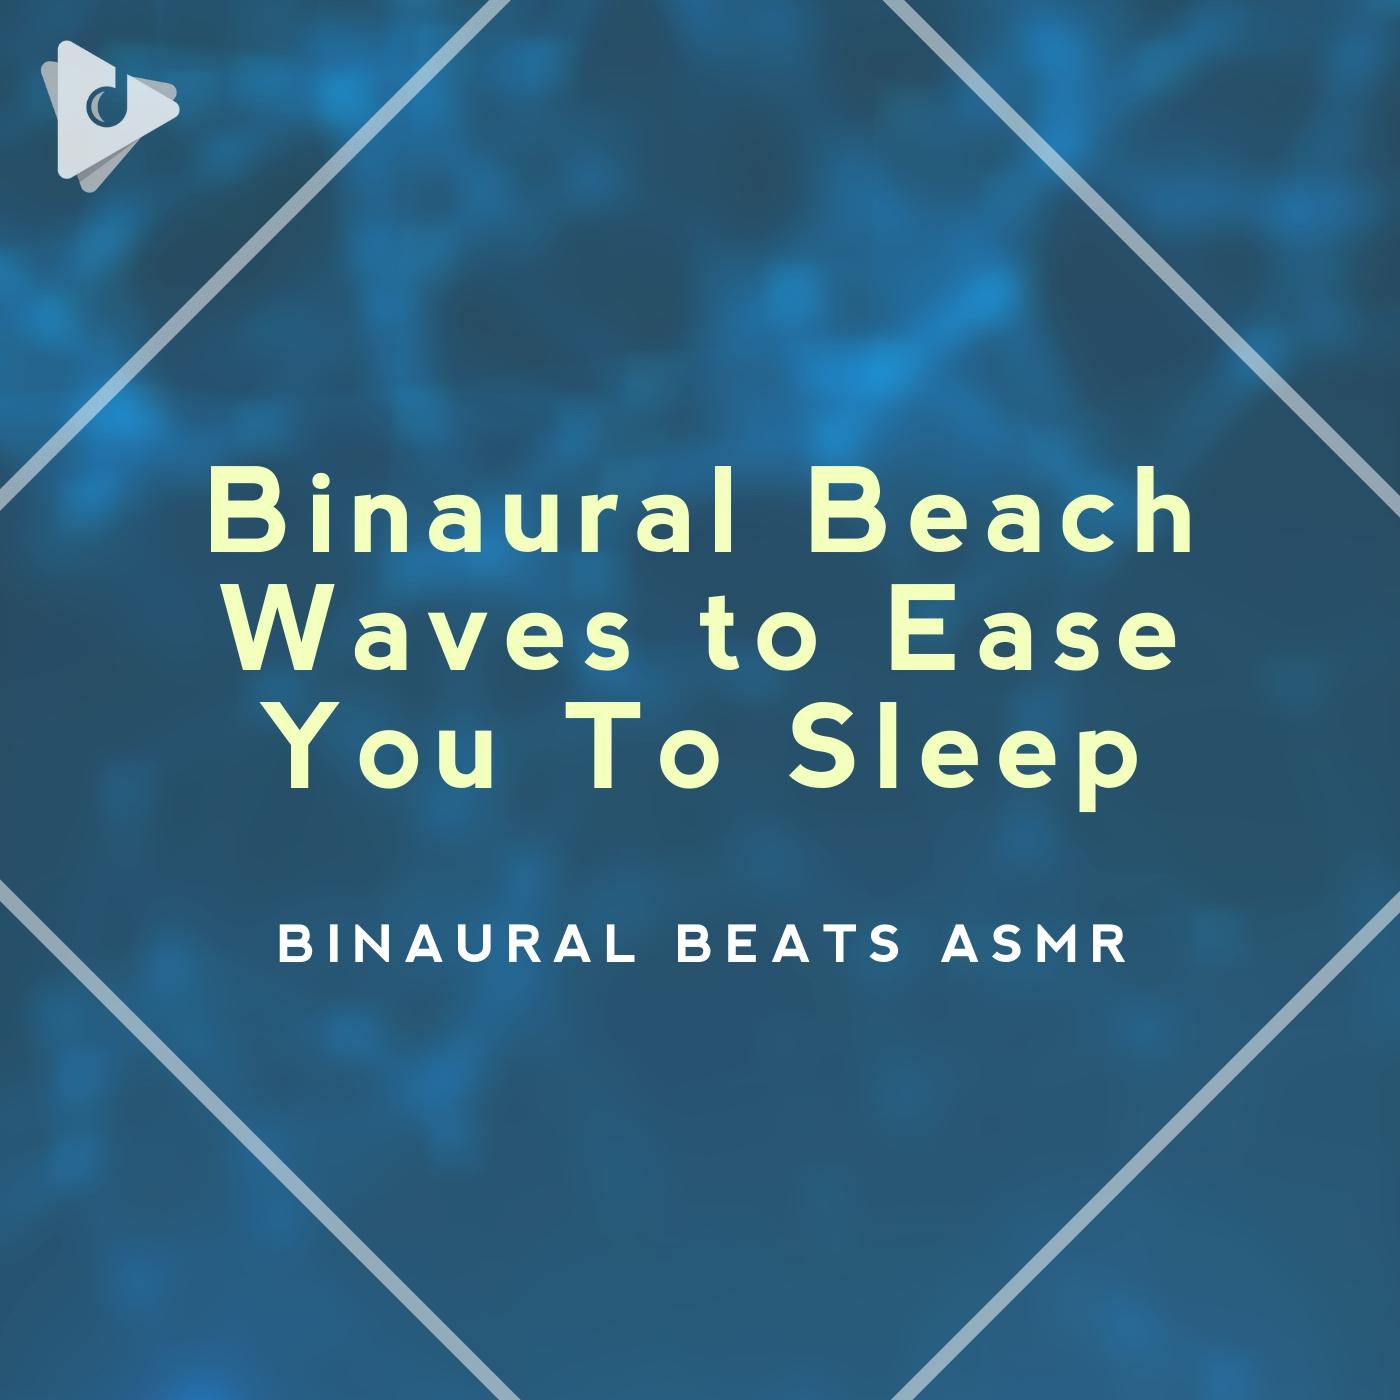 Binaural Beach Waves to Ease You To Sleep